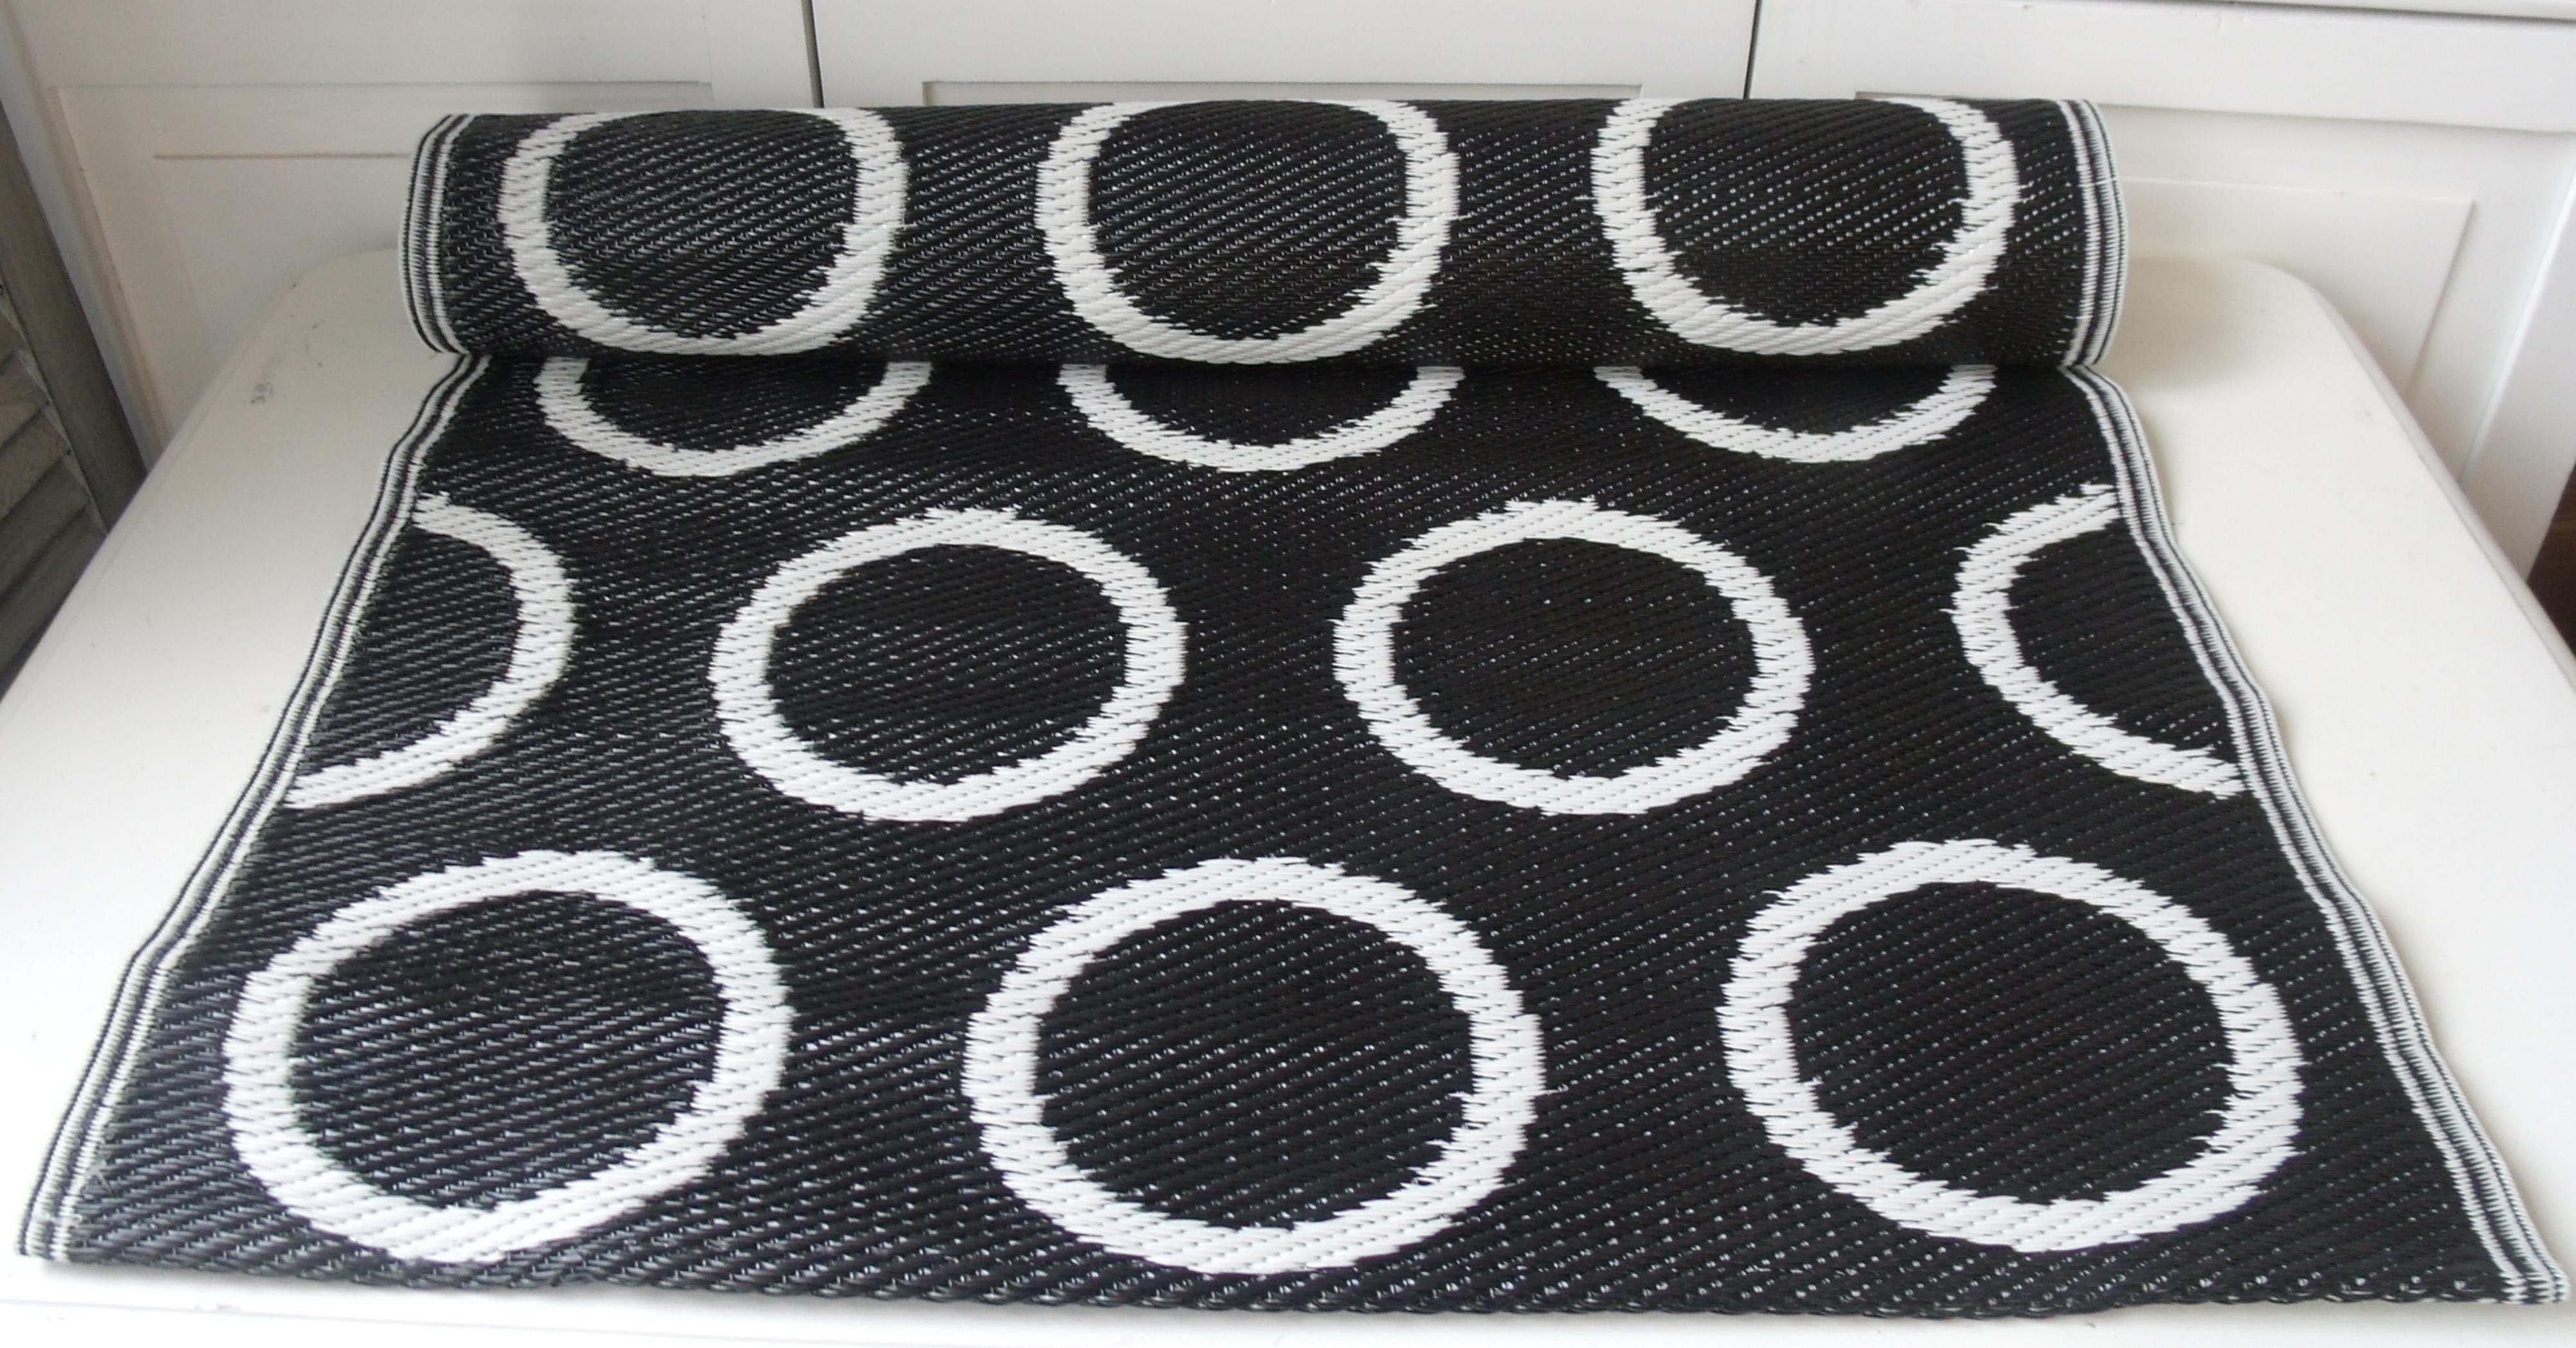 pvc outdoor teppich l ufer moritz schwarz wei 75x200 cm flickenteppich flickenteppiche. Black Bedroom Furniture Sets. Home Design Ideas